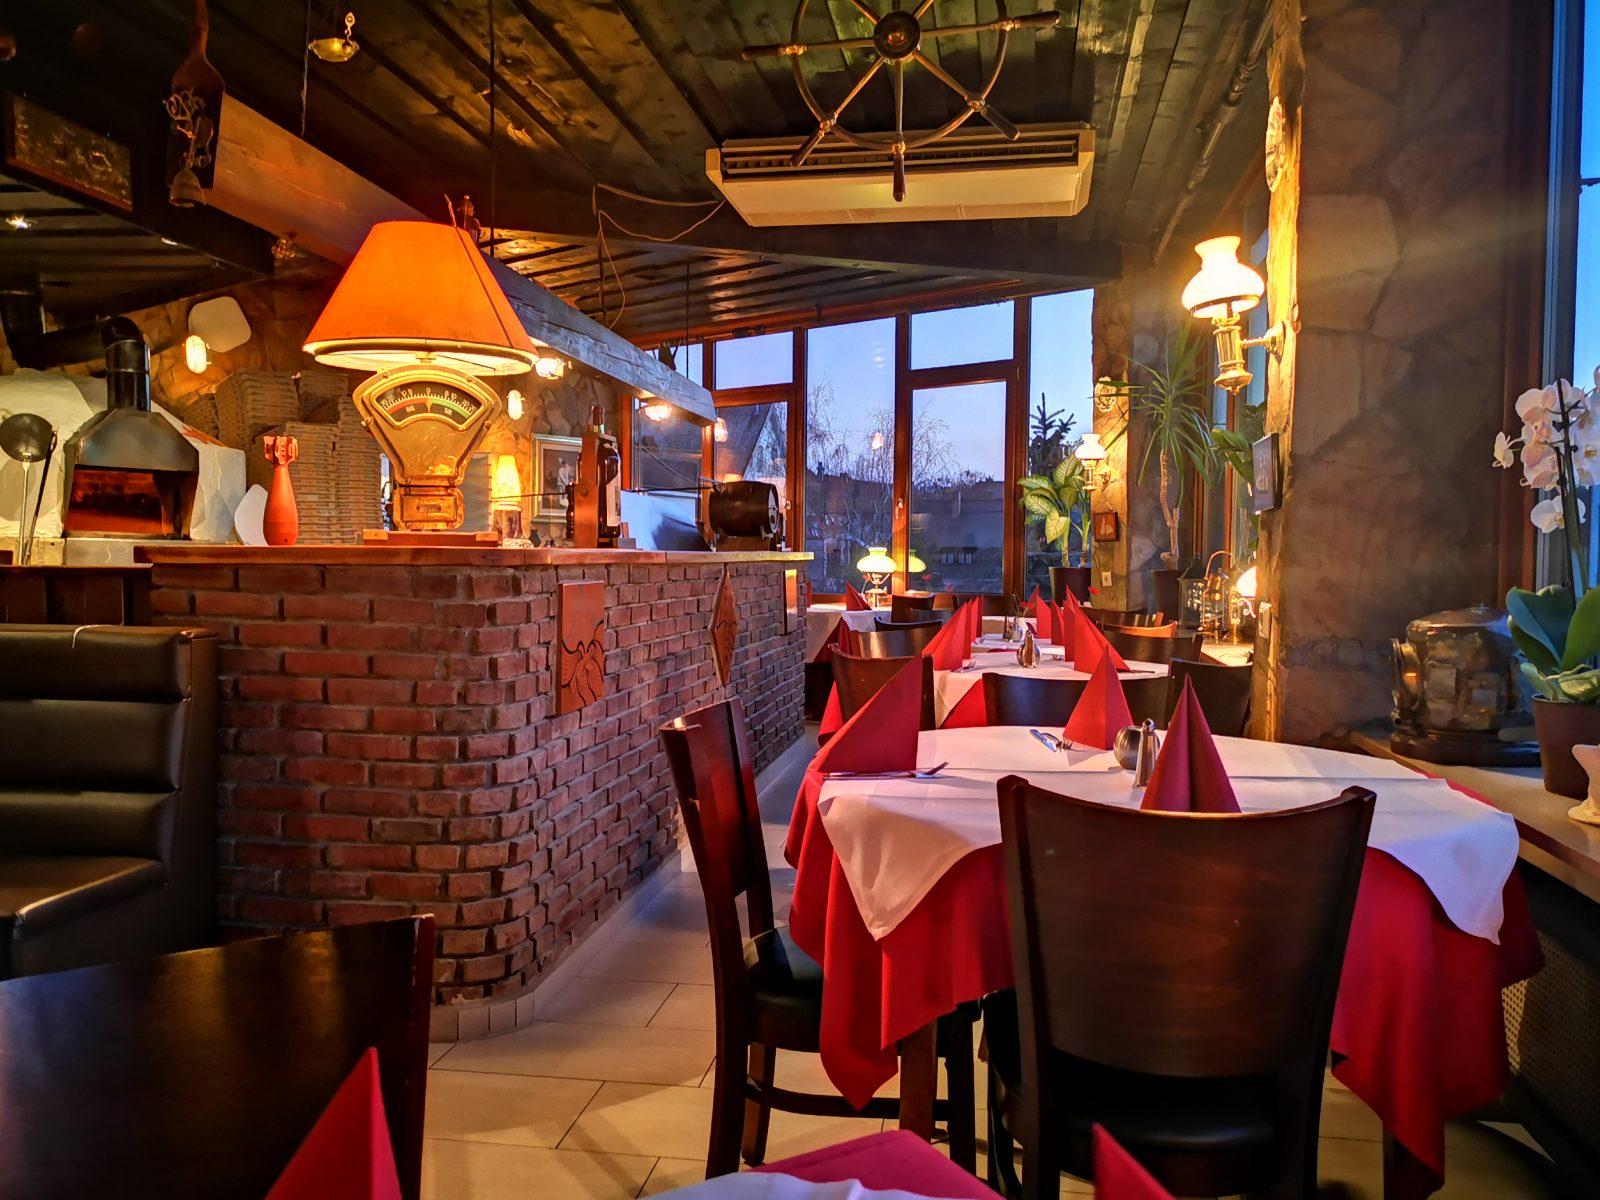 San Remo | Pizzeria & Italienisches Restaurant in Heilbronn